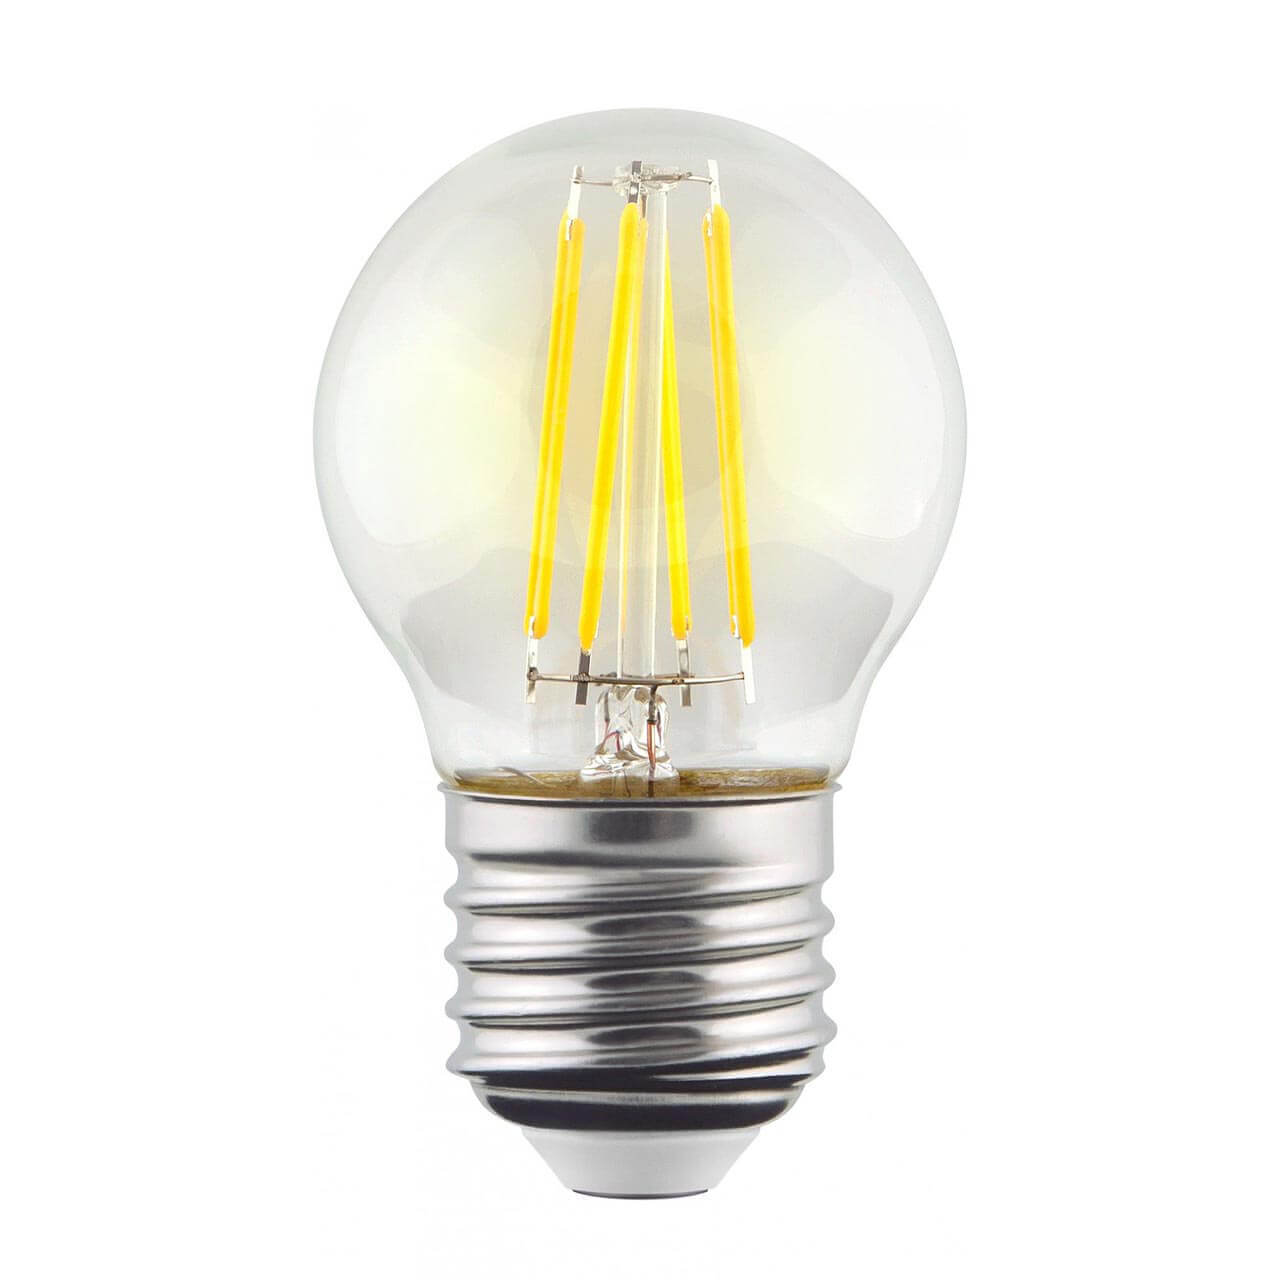 Лампа светодиодная филаментная Voltega E27 9W 2800К прозрачная VG10-G1E27warm9W-F 7106 лампа светодиодная филаментная voltega e14 6w 2800к прозрачная vg10 cc1e14warm6w f 7027